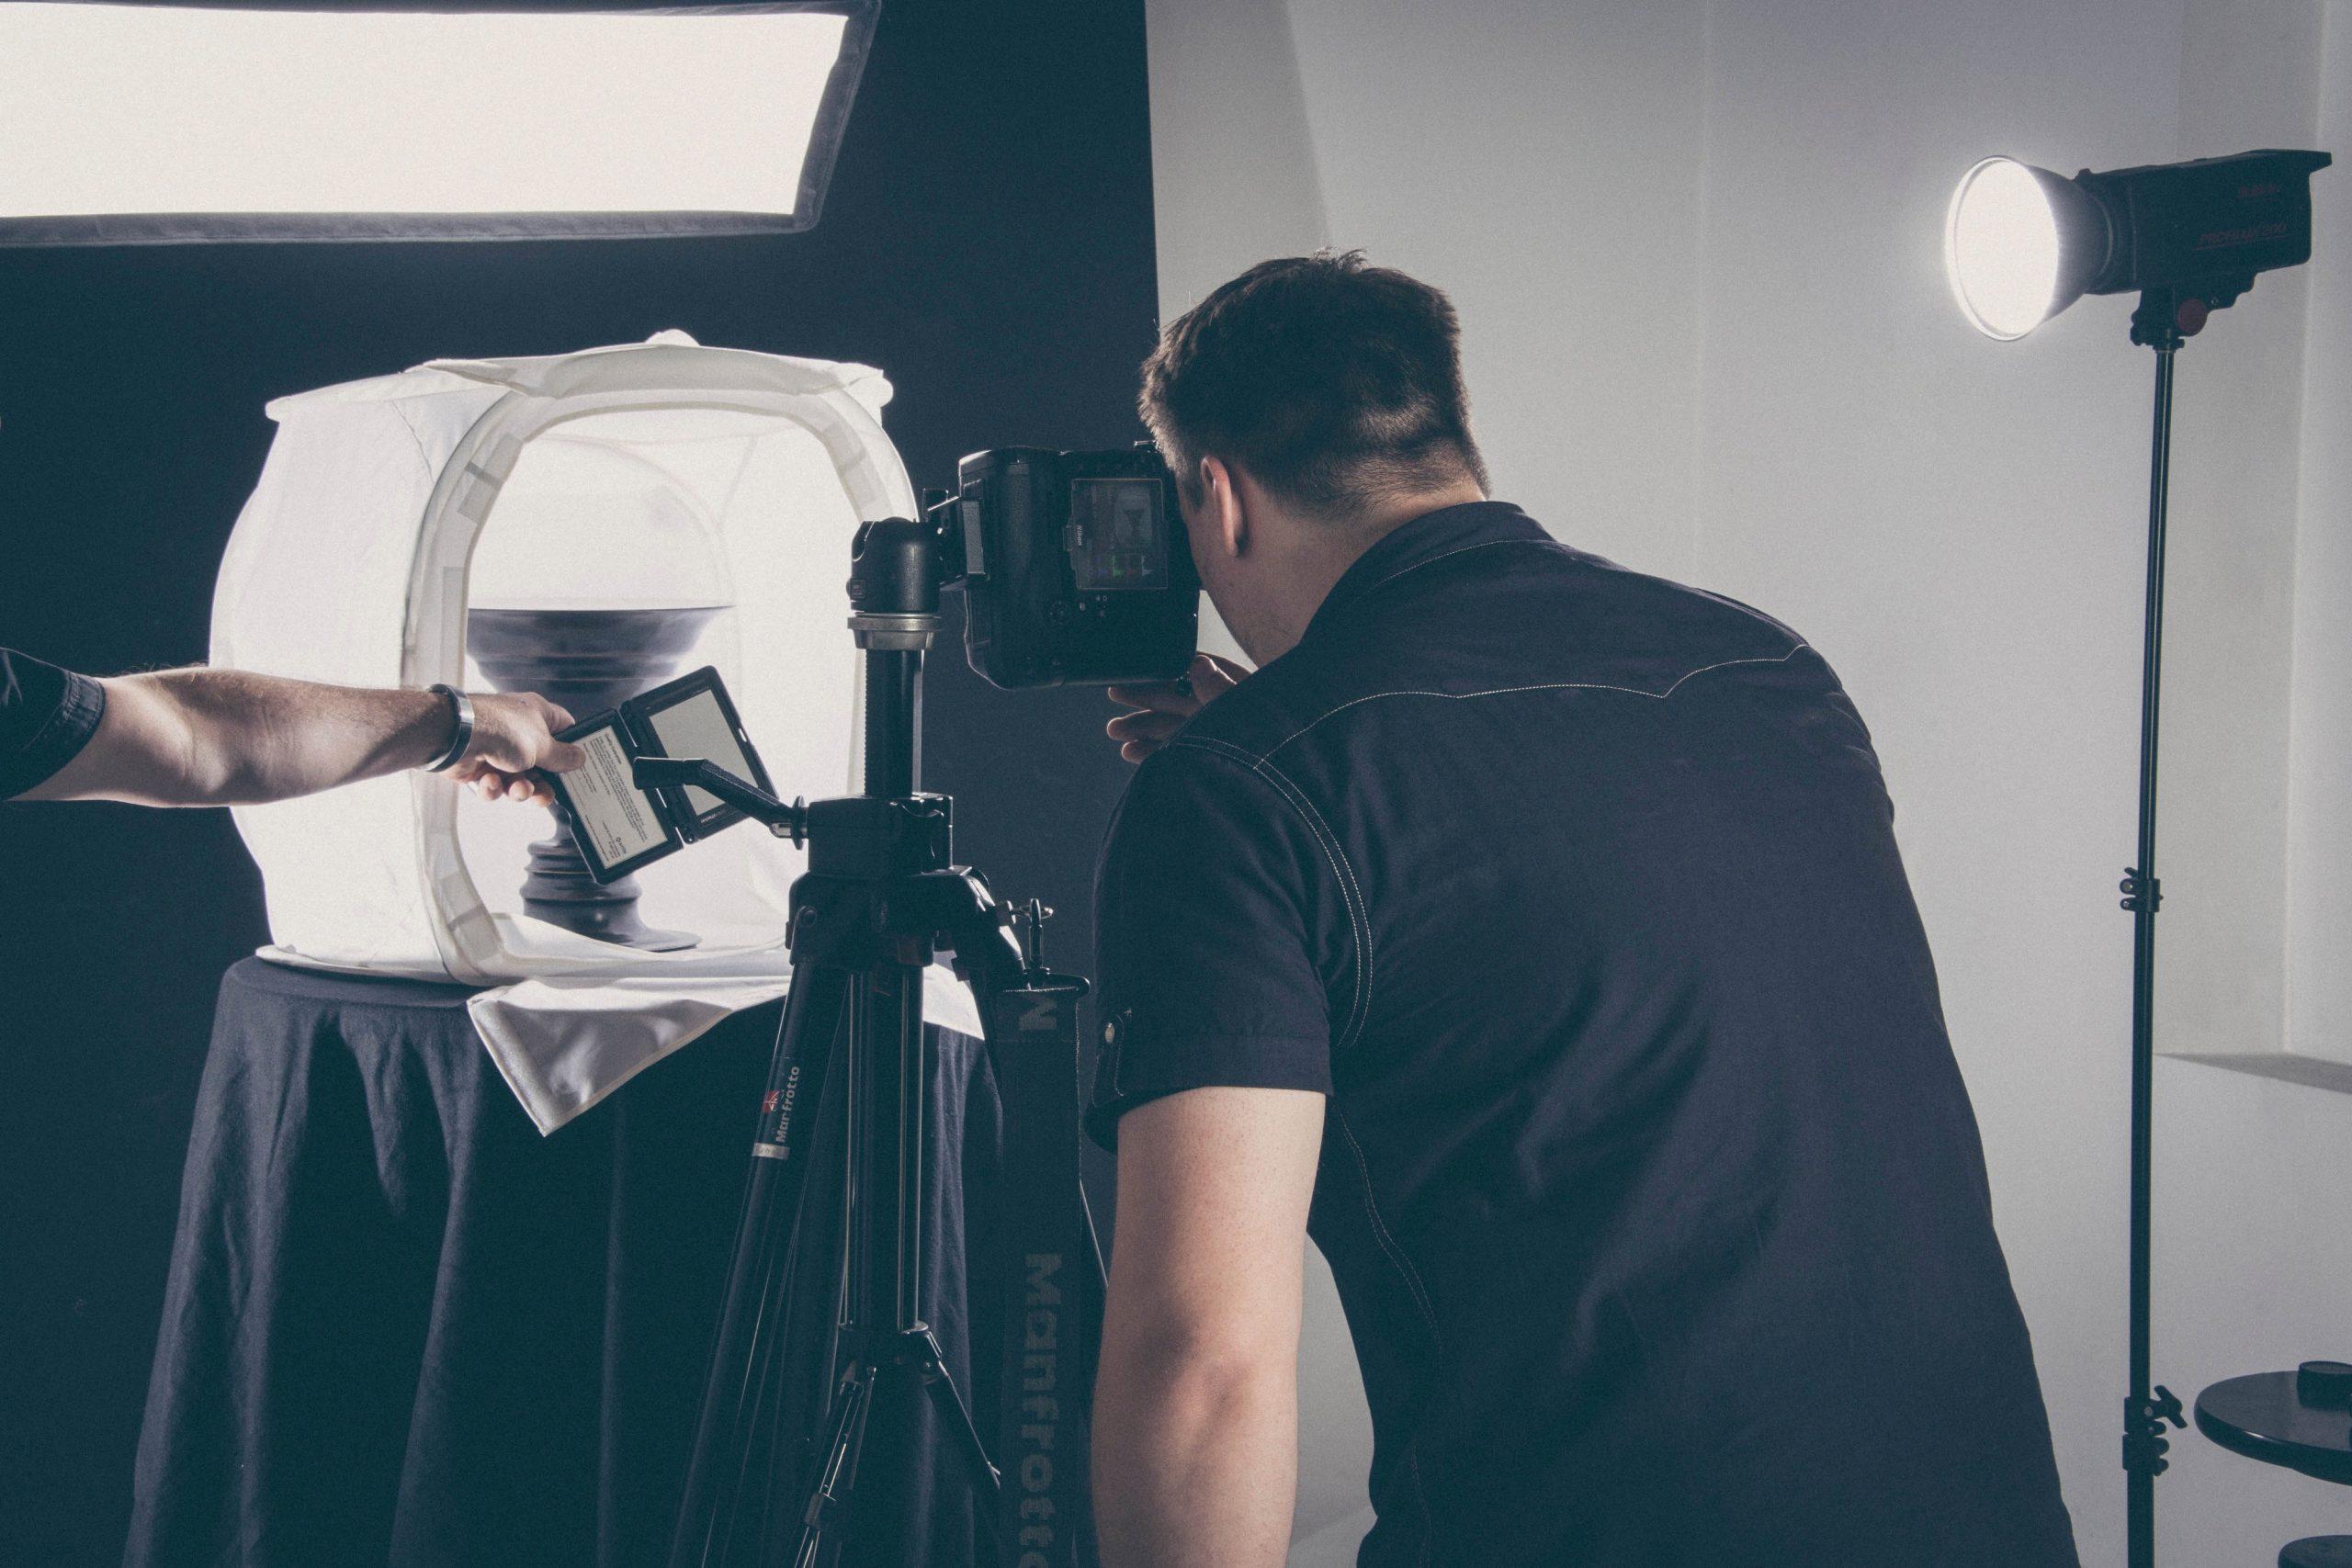 Estúdio fotográfico: Como escolher o melhor modelo em 2021